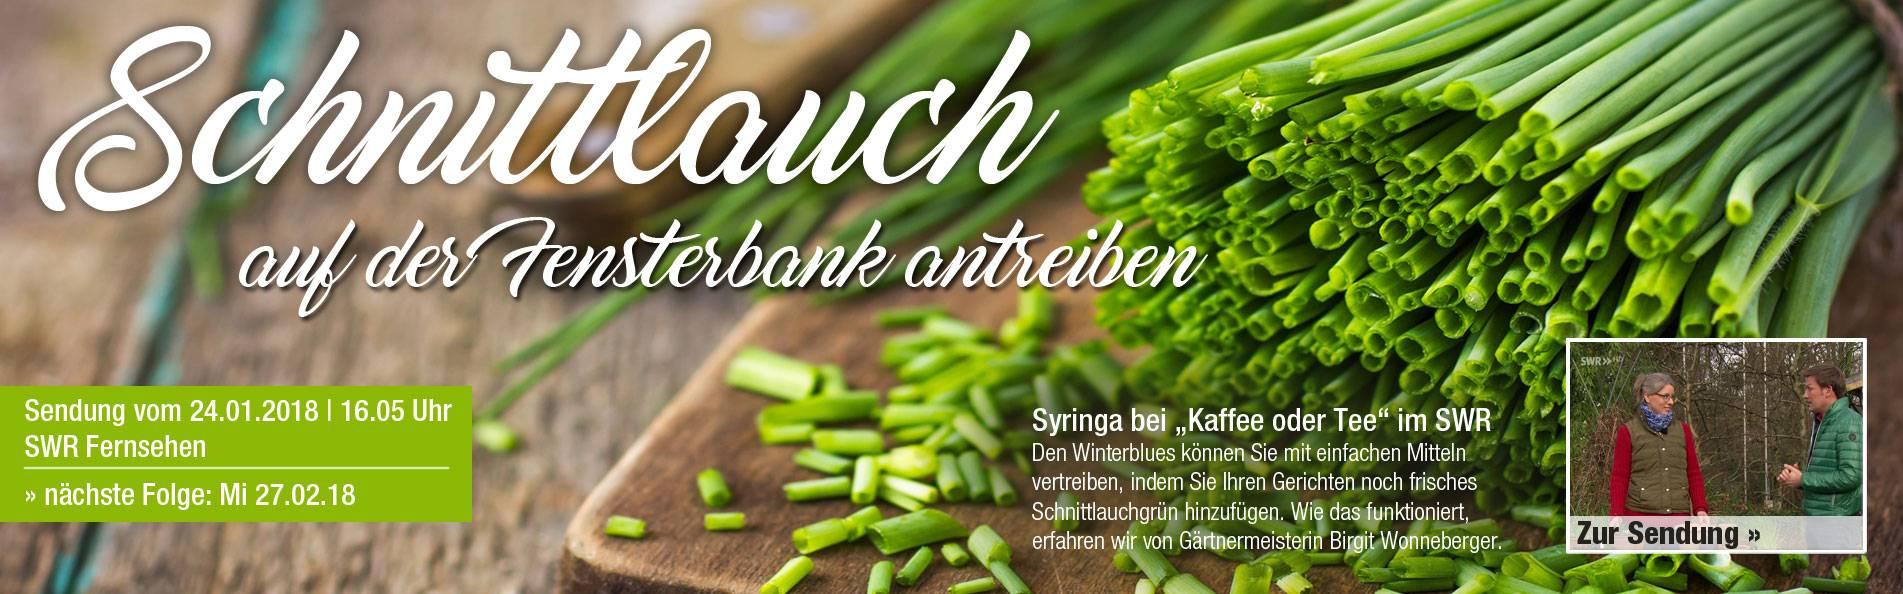 SWR_schnittlauch